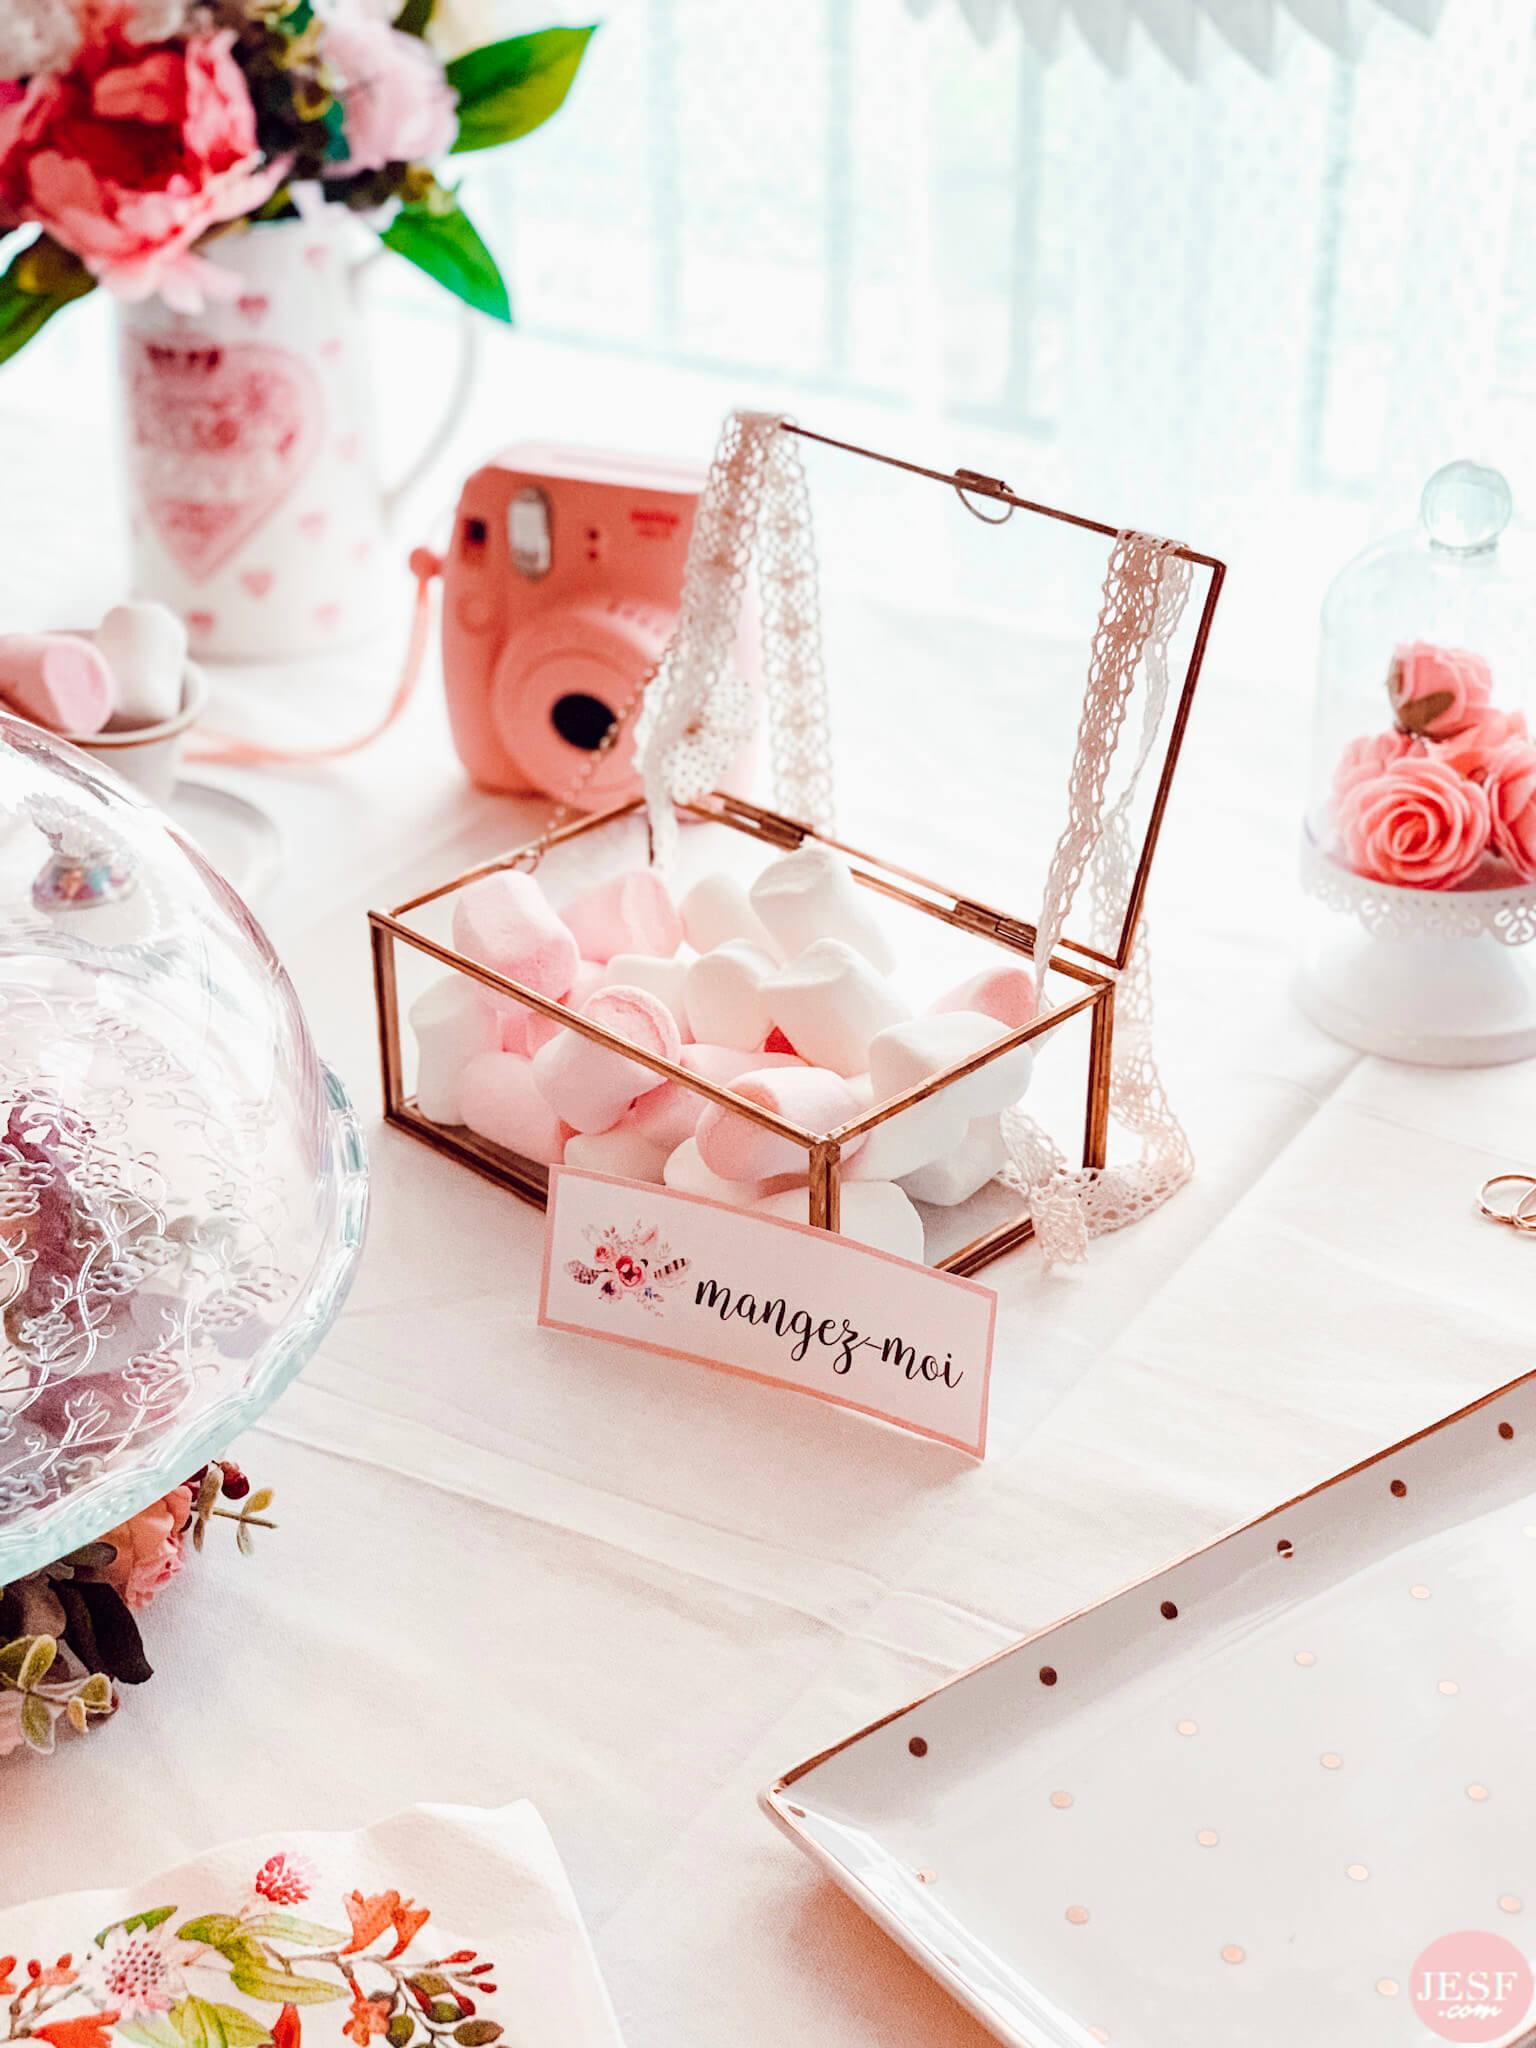 fête-anniversaire-sweet-table-petite-fille-1-an-girly-rose-boite-dorée-étiquettes-personnalisées